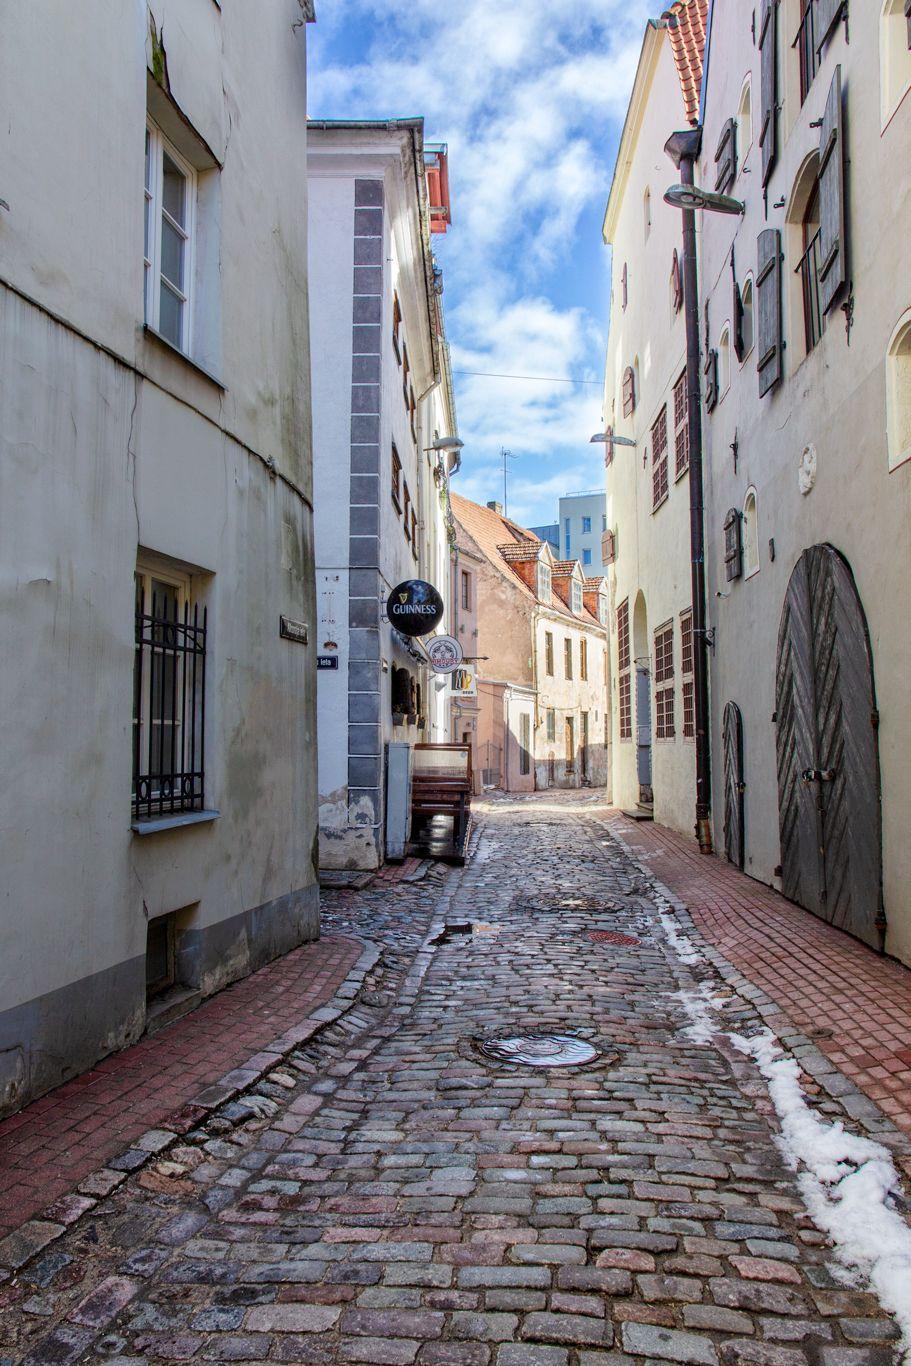 Узкие улочки старого города Старый город Рига